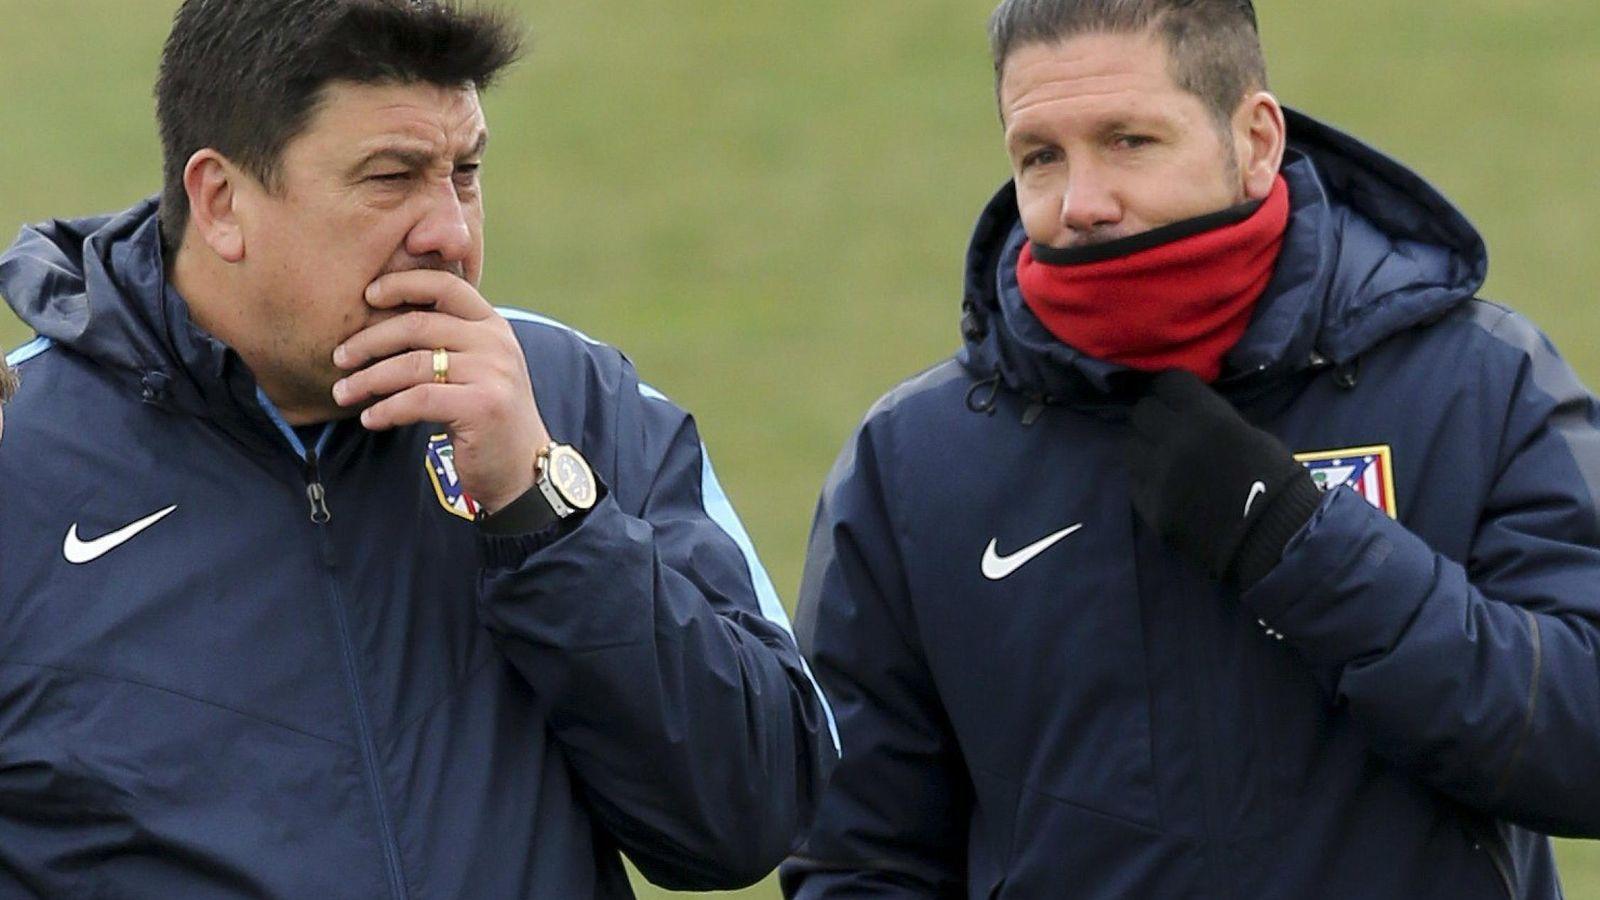 Foto: El Mono Burgos y Simeone durabte un entrenamiento del Atlético de Madrid (EFE)